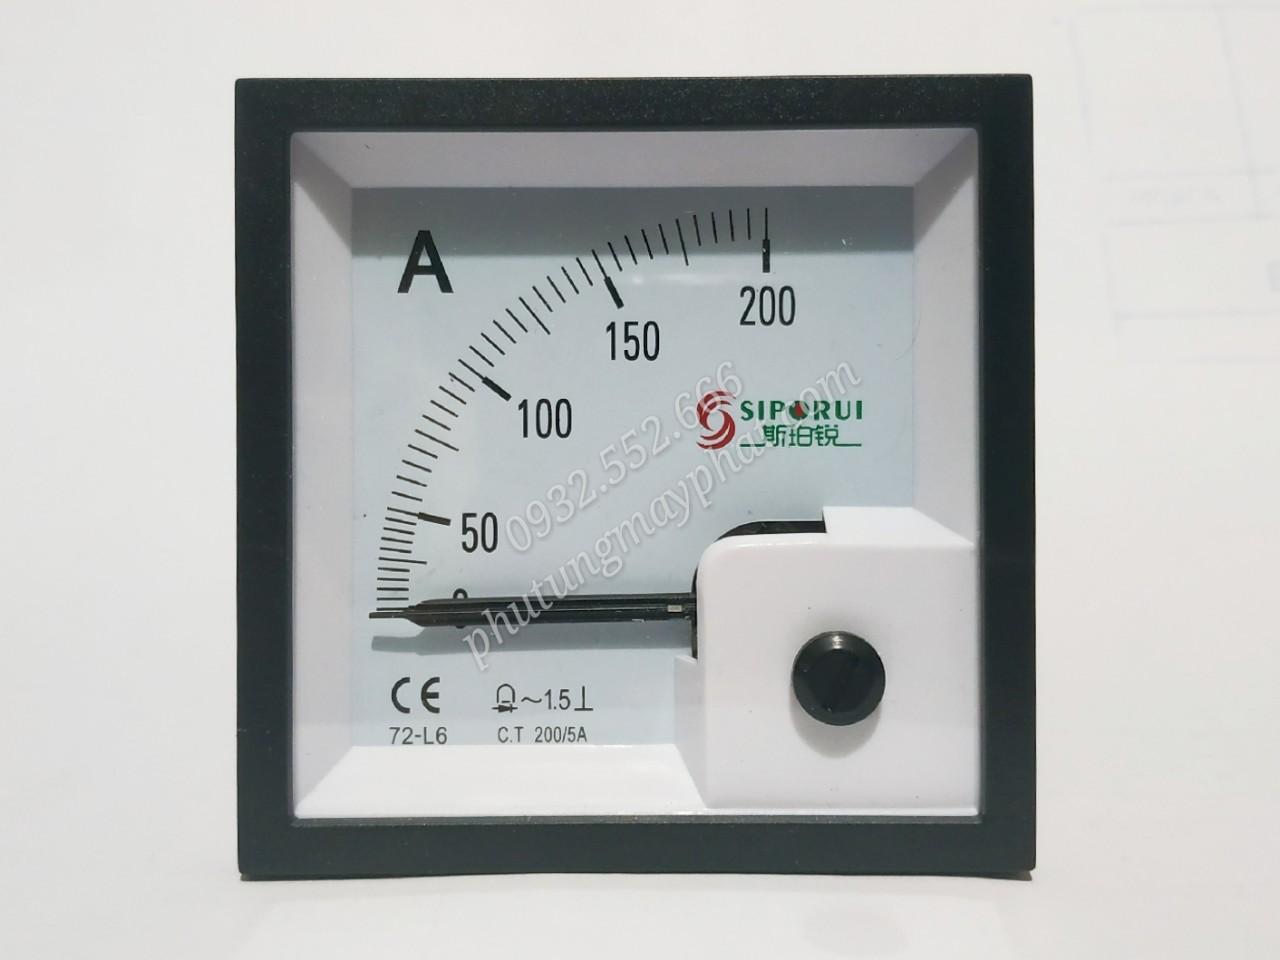 Đồng hồ hiển thị dòng 72-L6